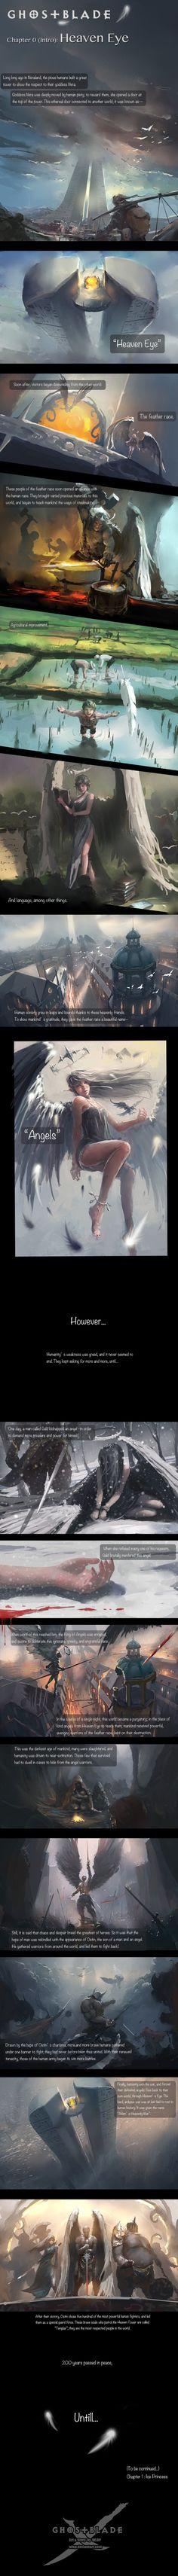 GhostBlade - Chapter 0 (Intro) : Heaven Eye by wlop.deviantart.com on @deviantART